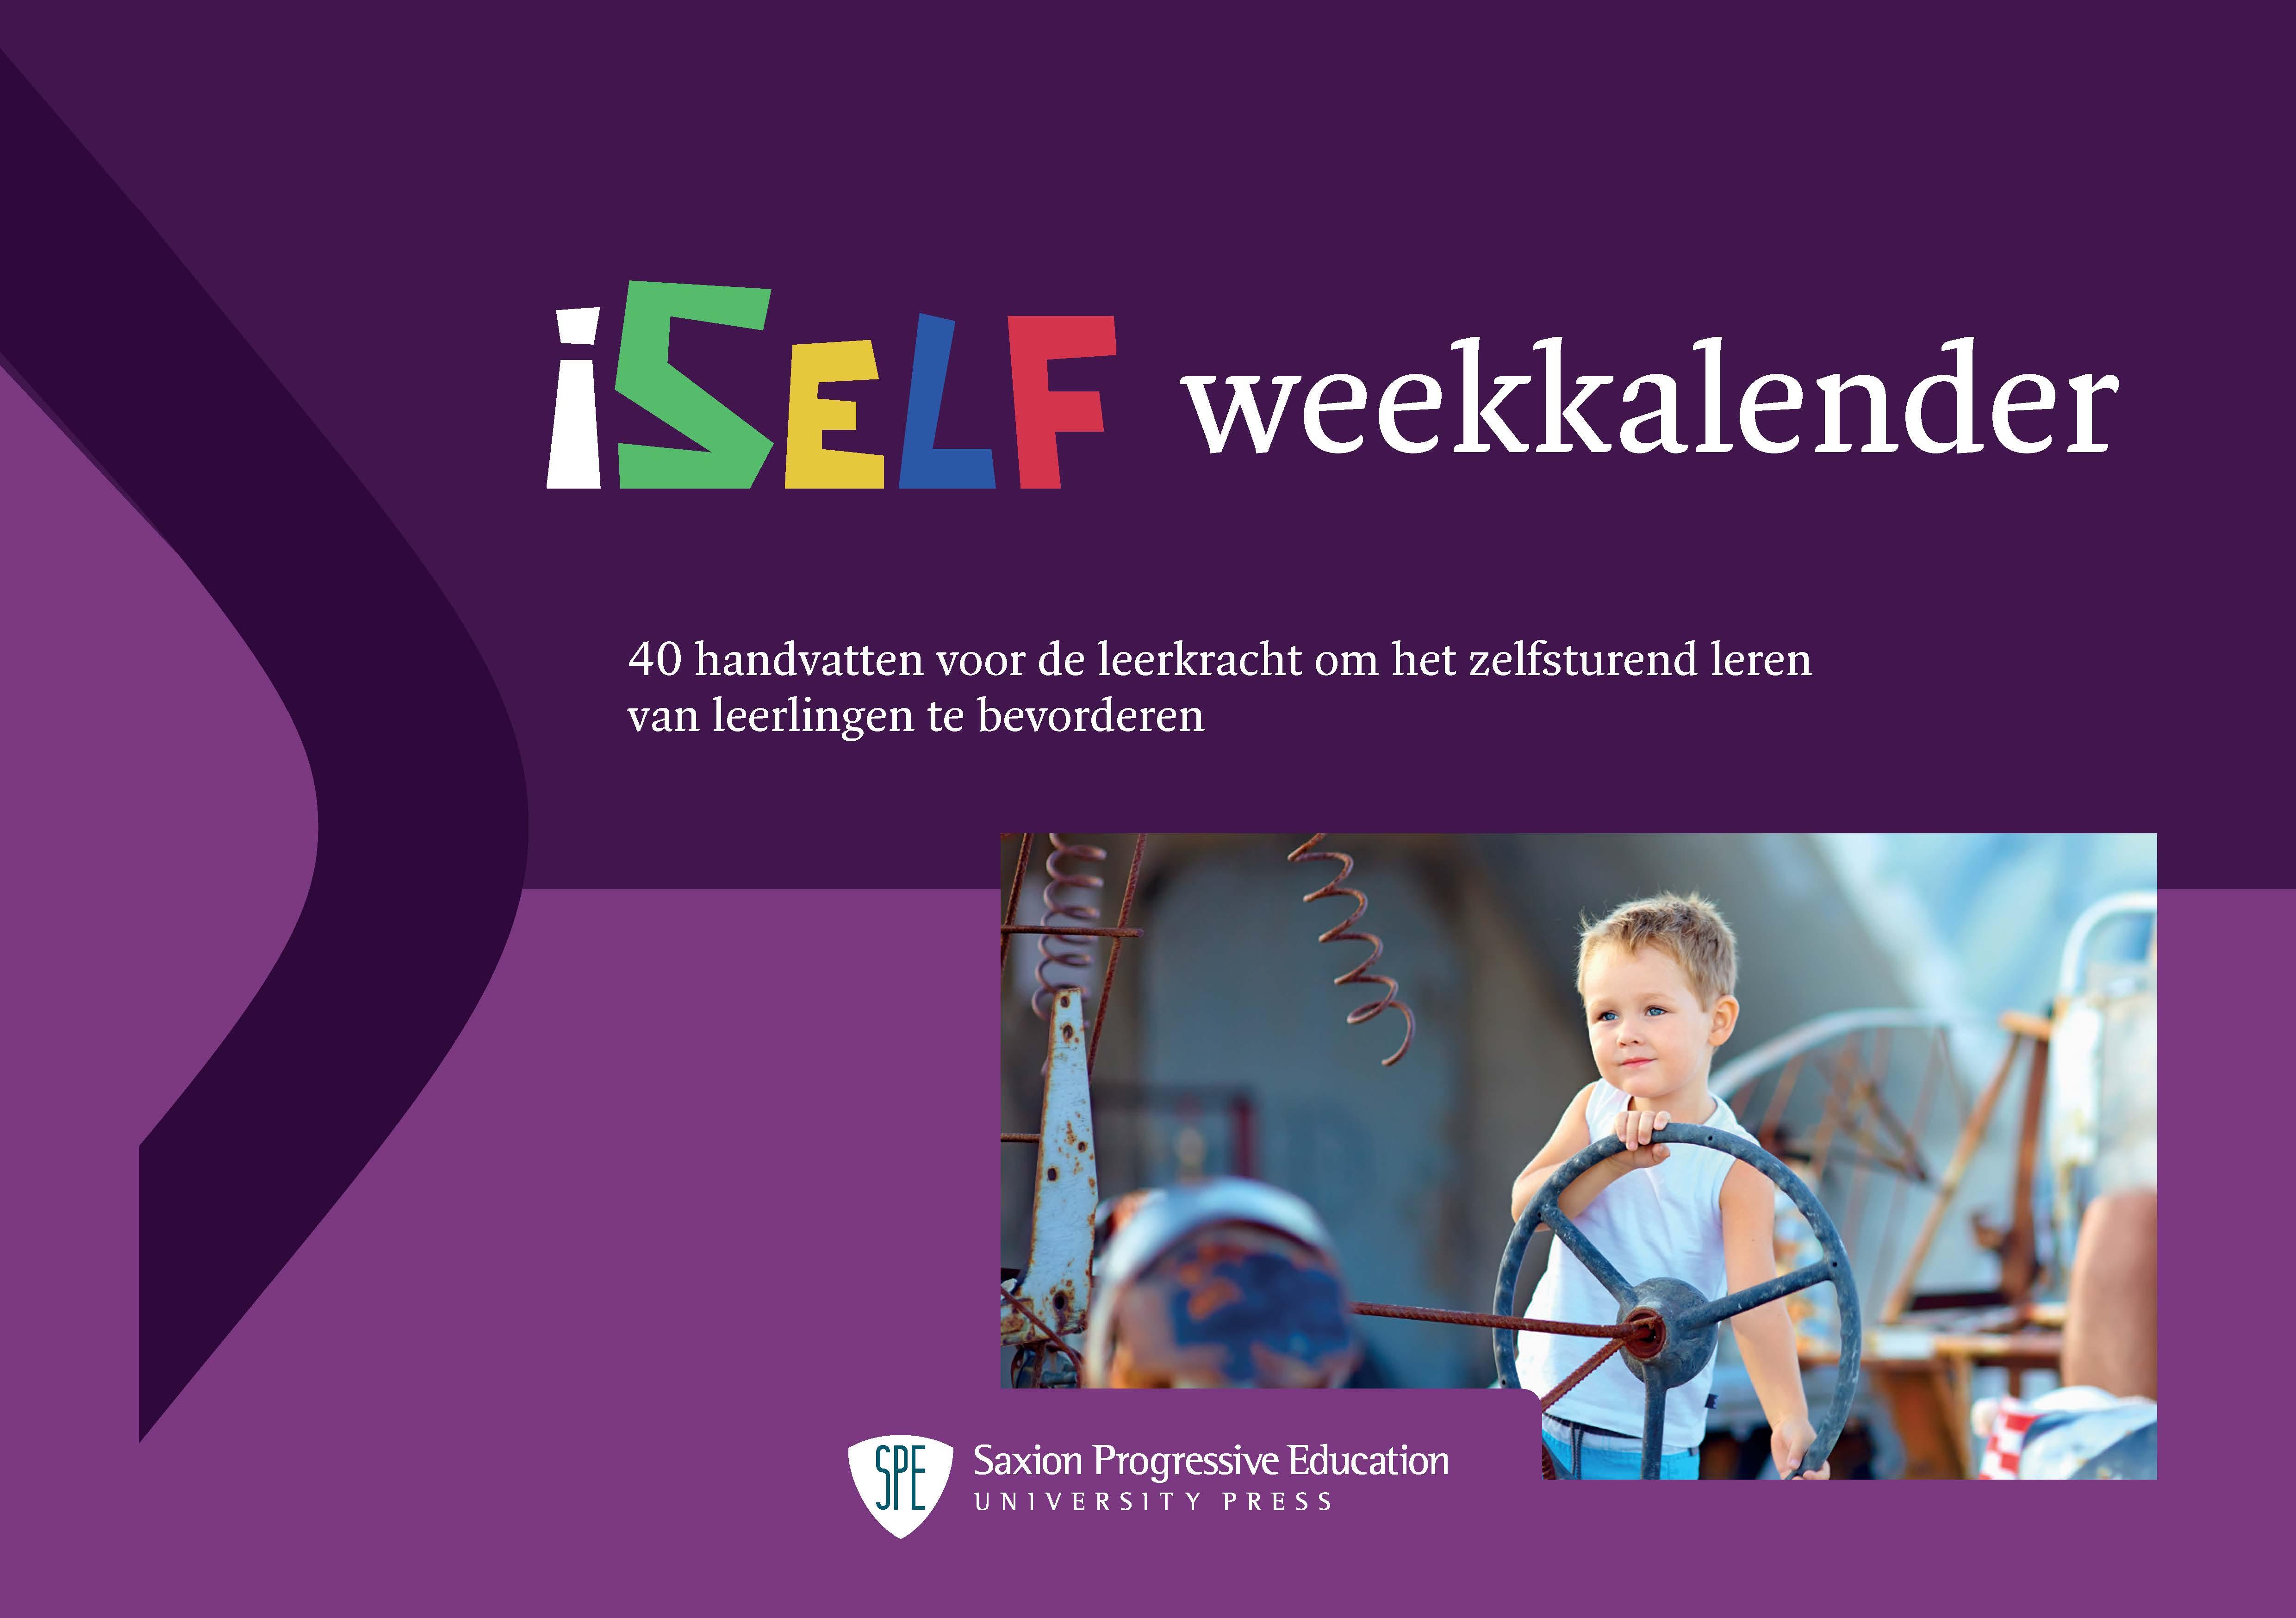 iSelf weekkalender